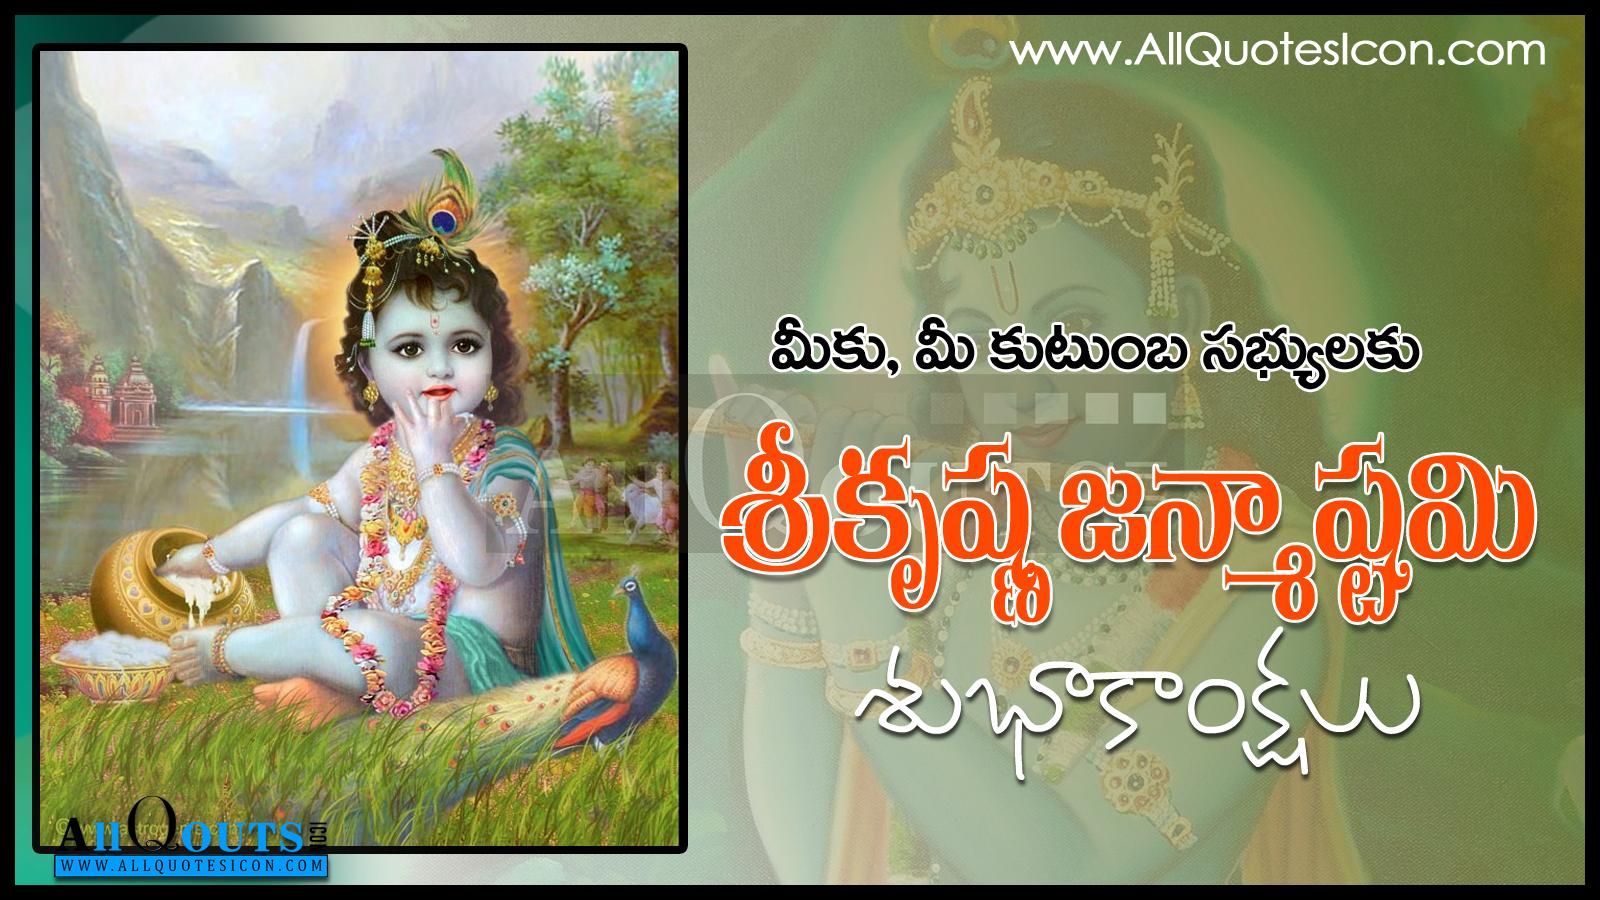 Sri krishna jayanti wallpaper - Nice Telugu Srikrishna Janmastami Images Hd Srikrishna Janmastami With Quote In Telugu Srikrishna Janmastami Quotes In